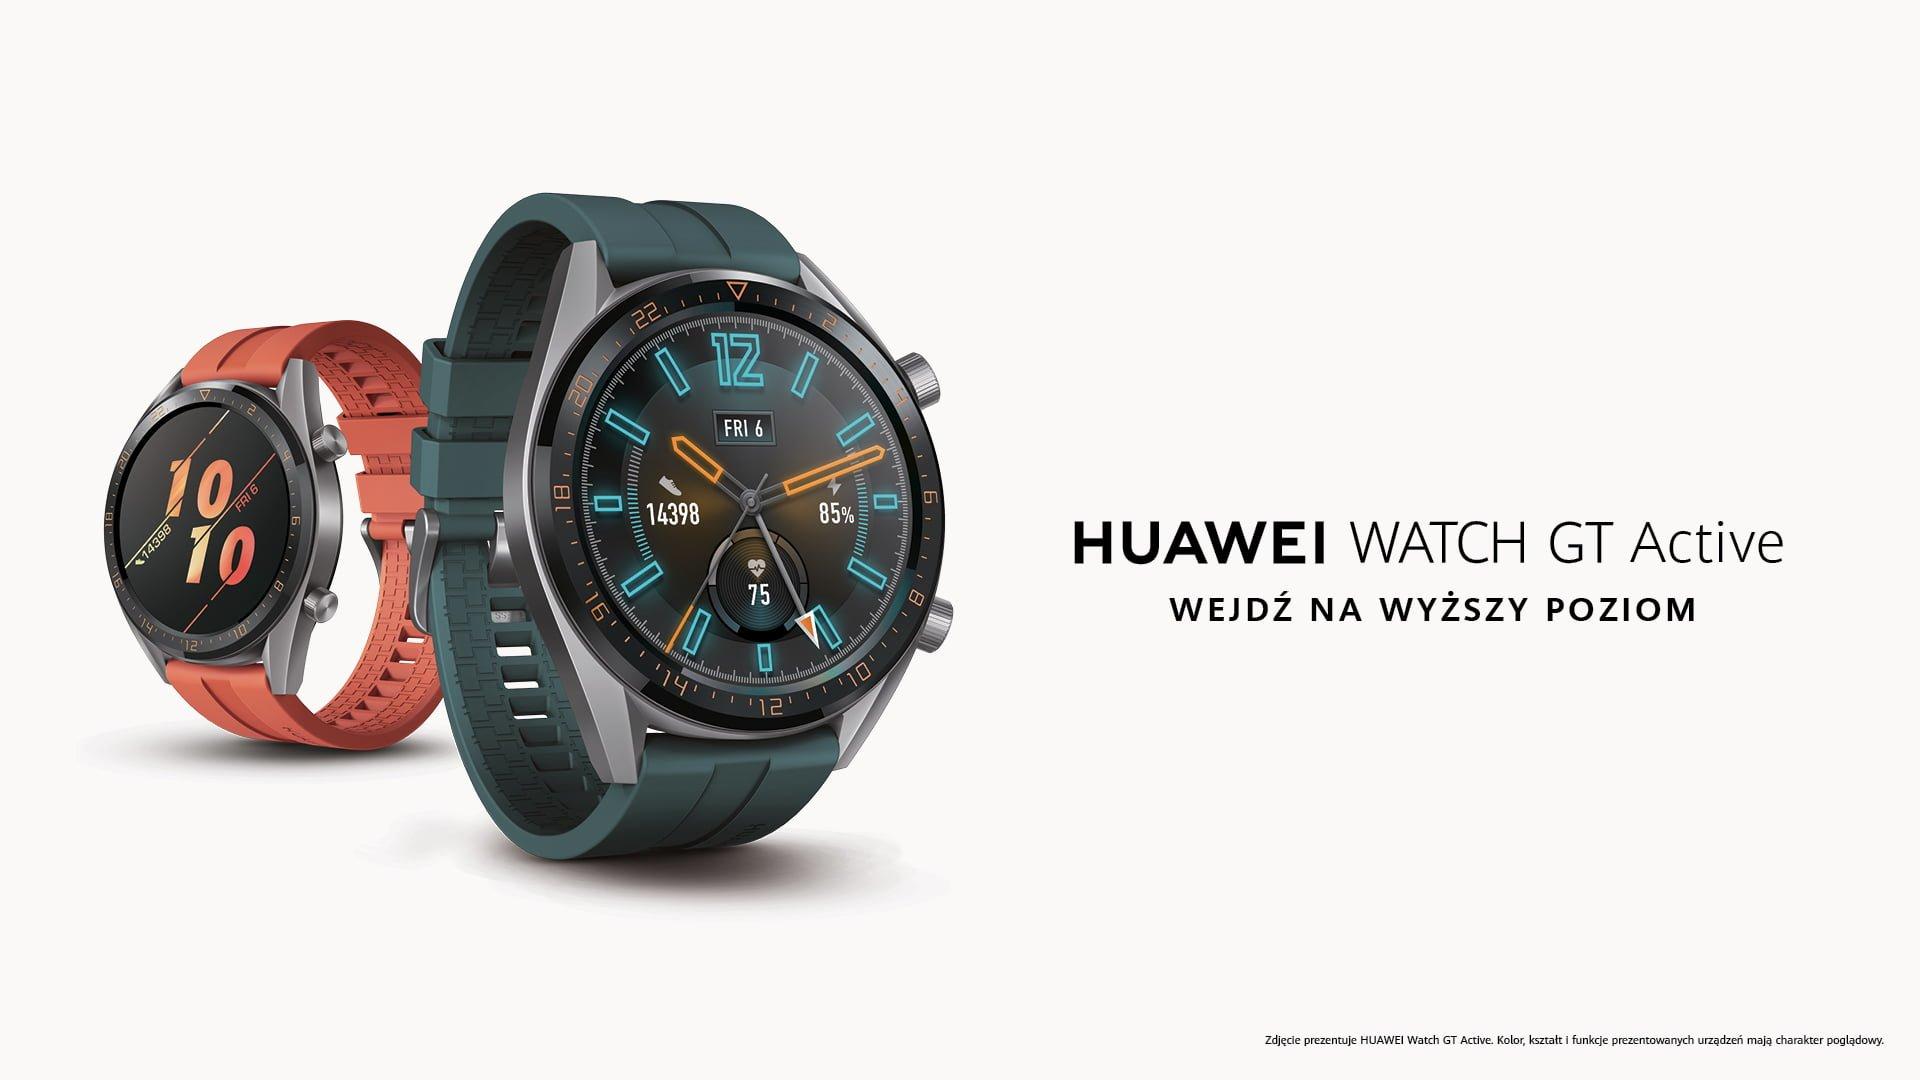 Huawei Watch GT Active z wyczekiwaną aktualizacją. Wreszcie można instalować tarcze z poziomu aplikacji